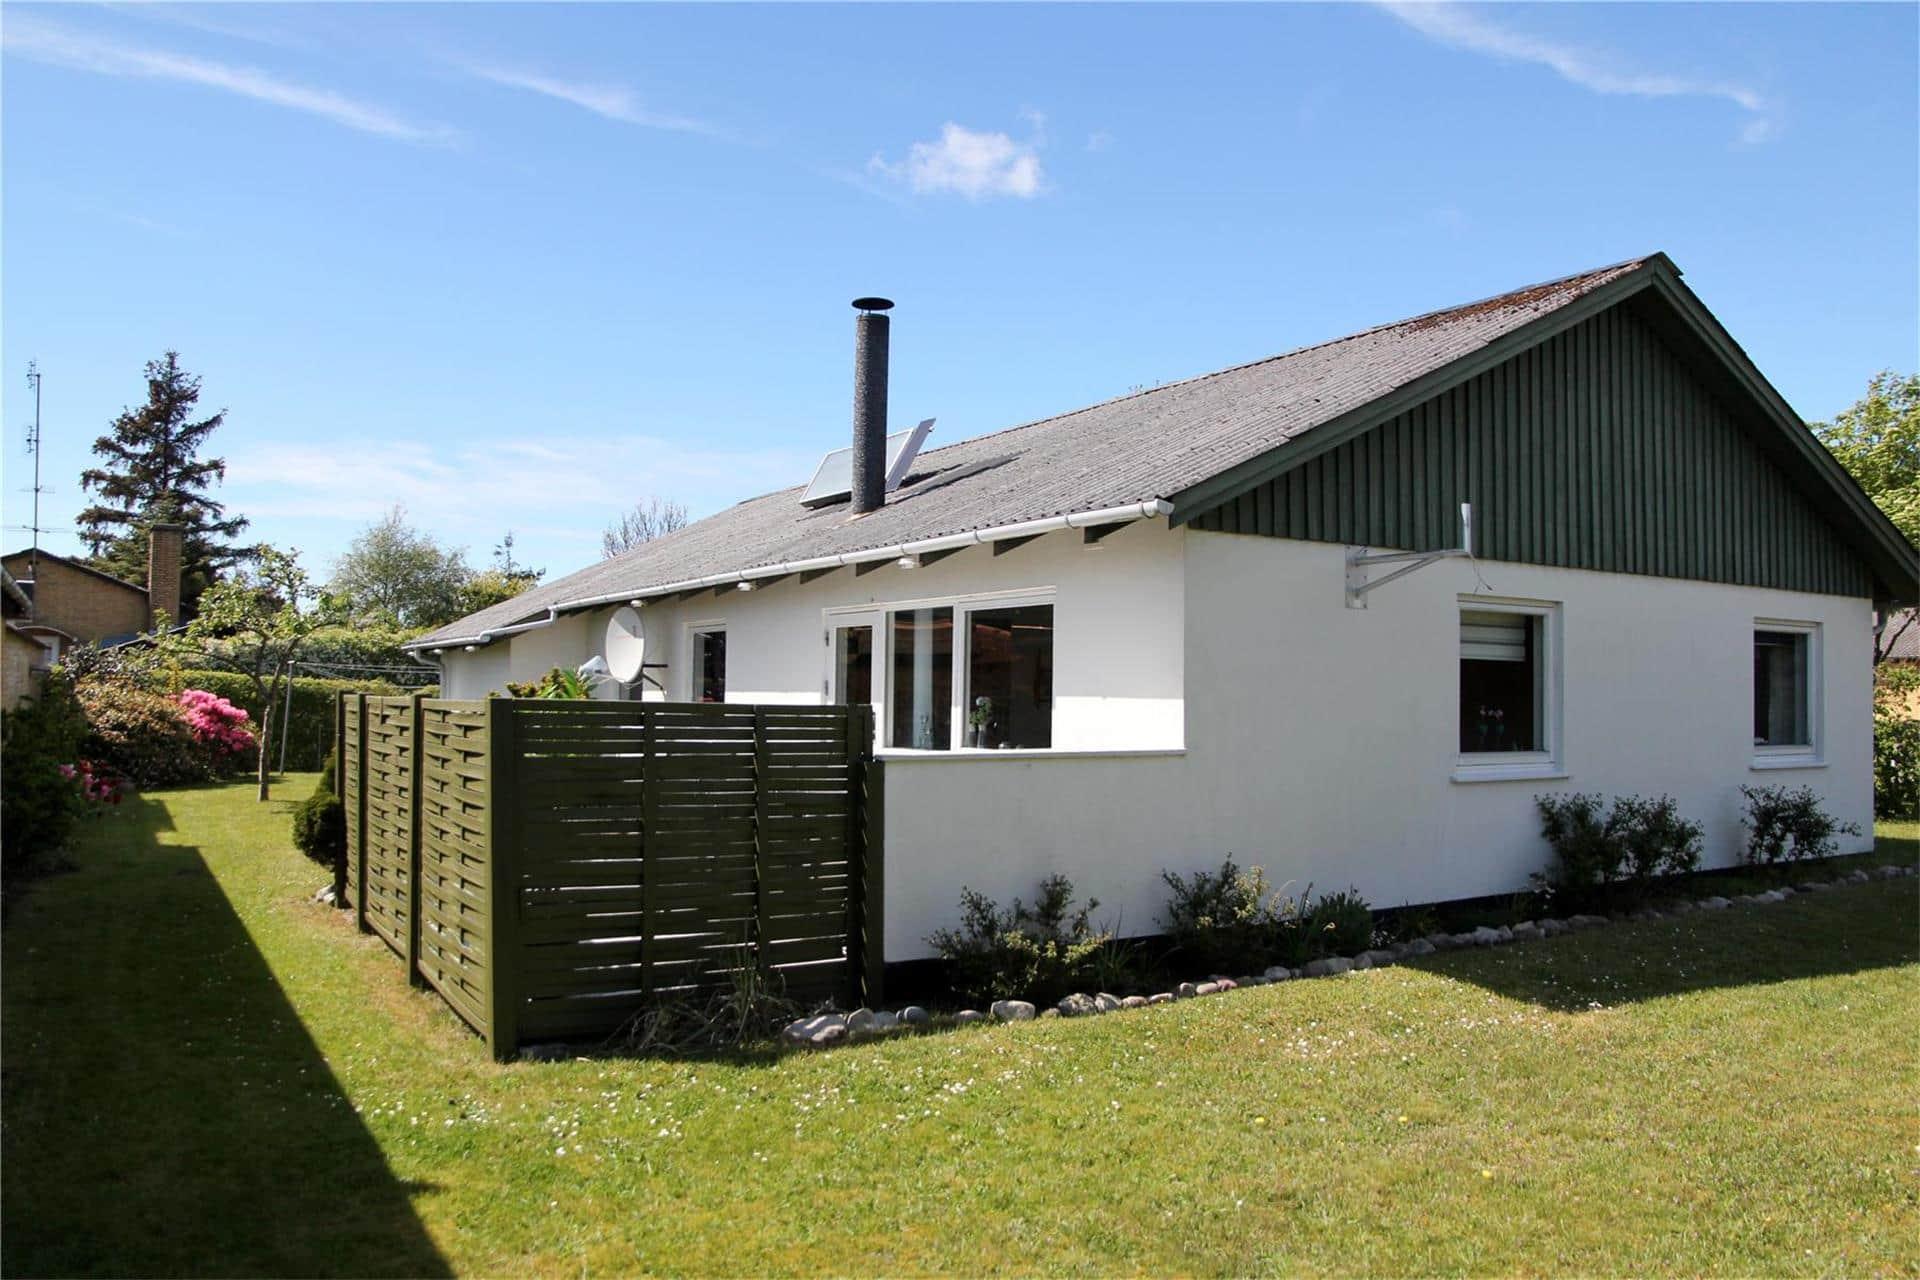 Billede 1-11 Sommerhus 0276, Vibevej 17, DK - 6792 Rømø